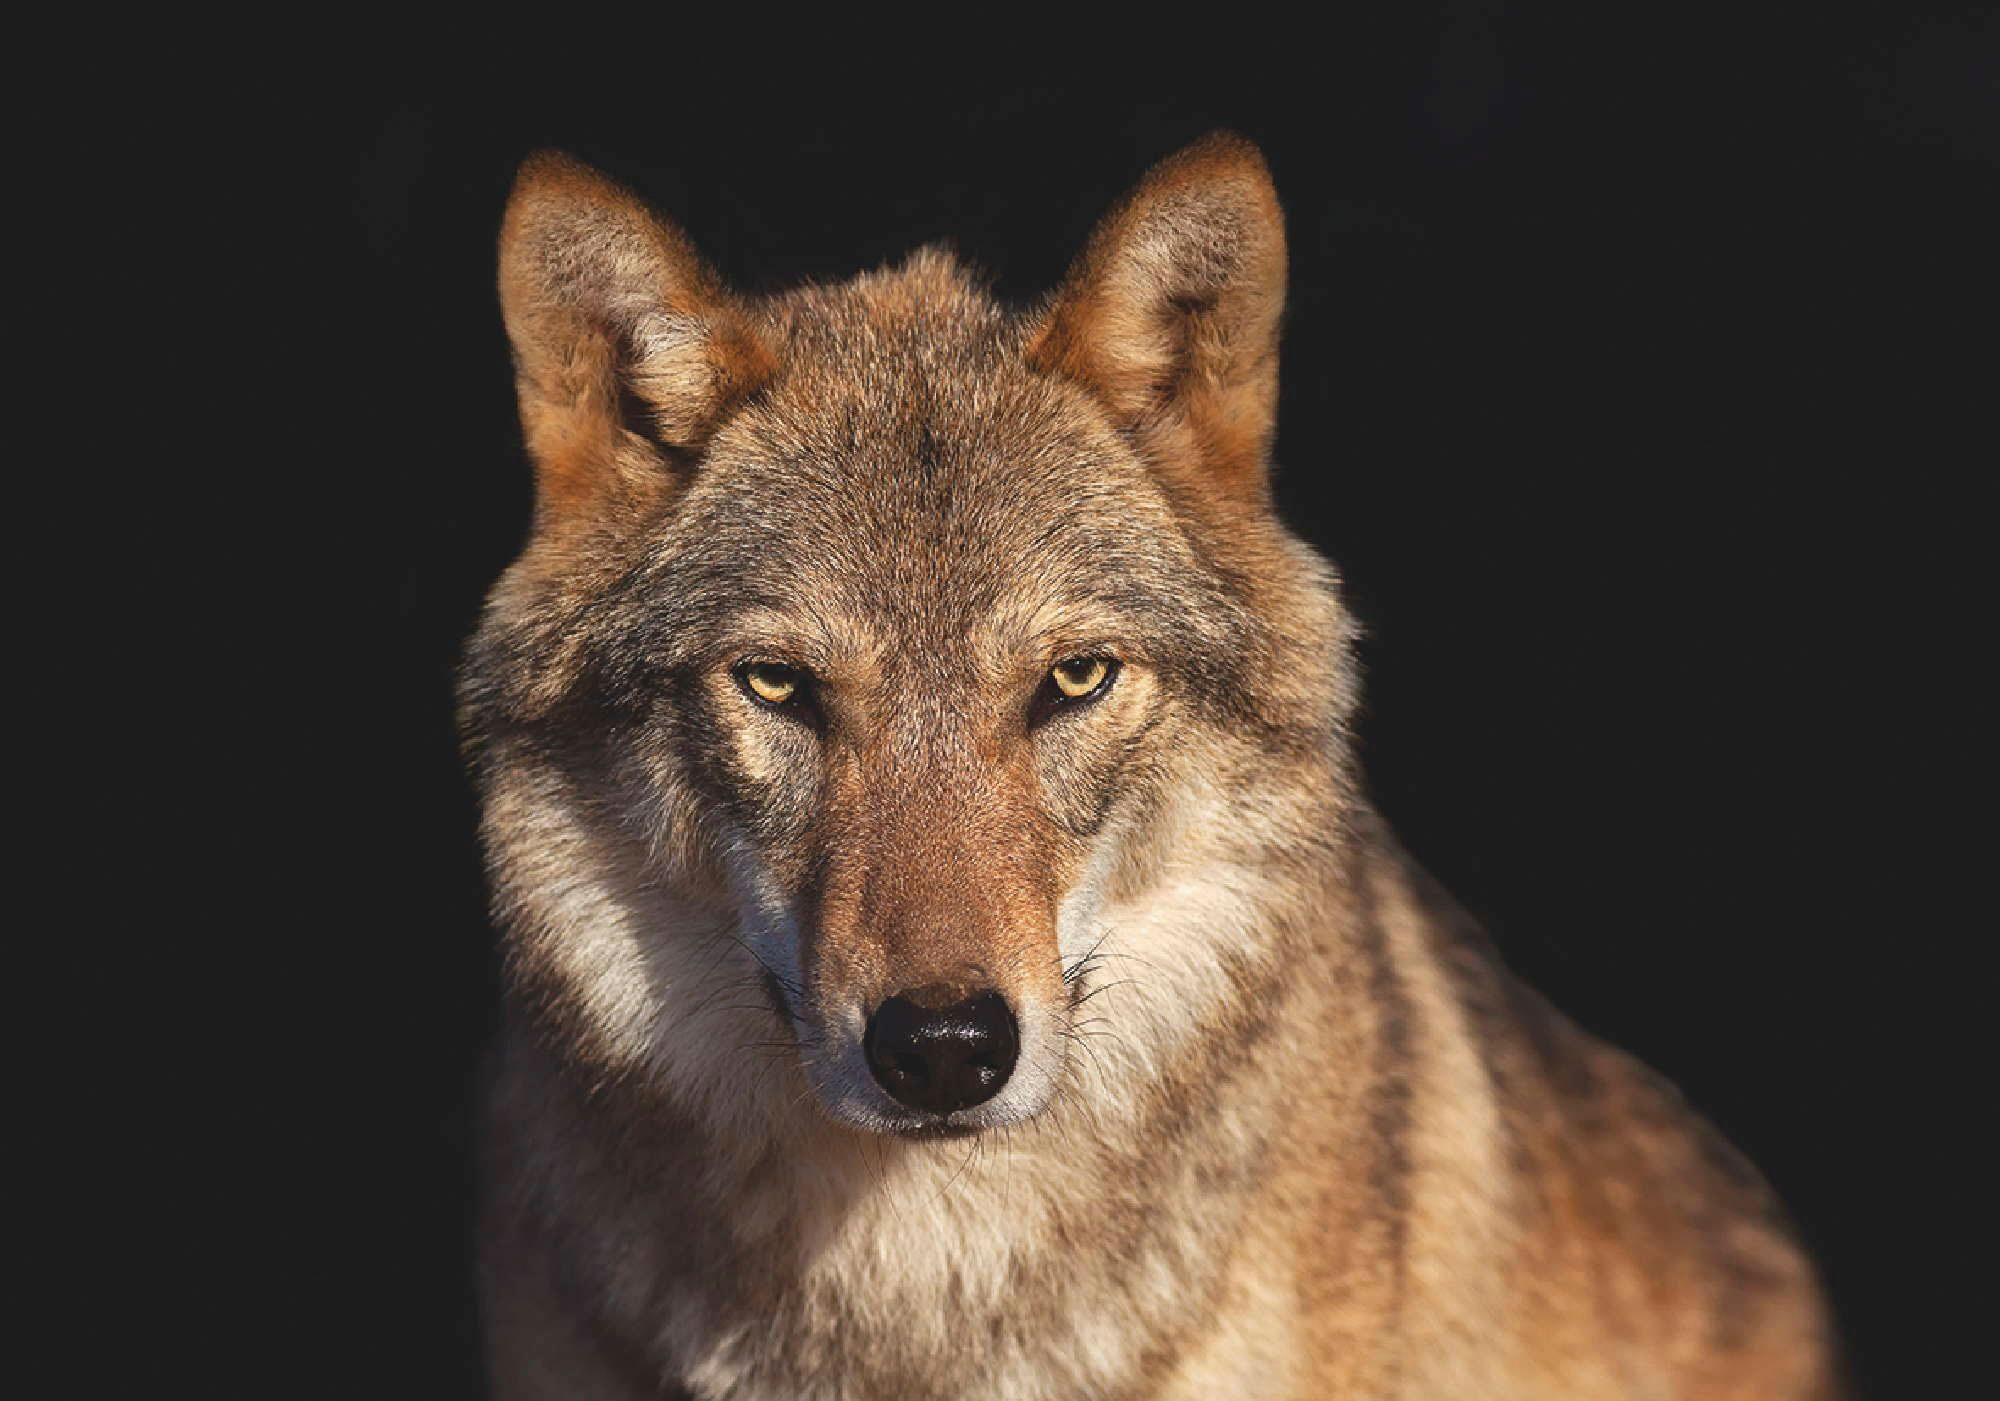 Home affaire Leinwandbild »Auge in Auge - Porträt mit Wolf«, Tiermotiv, 70/50 cm